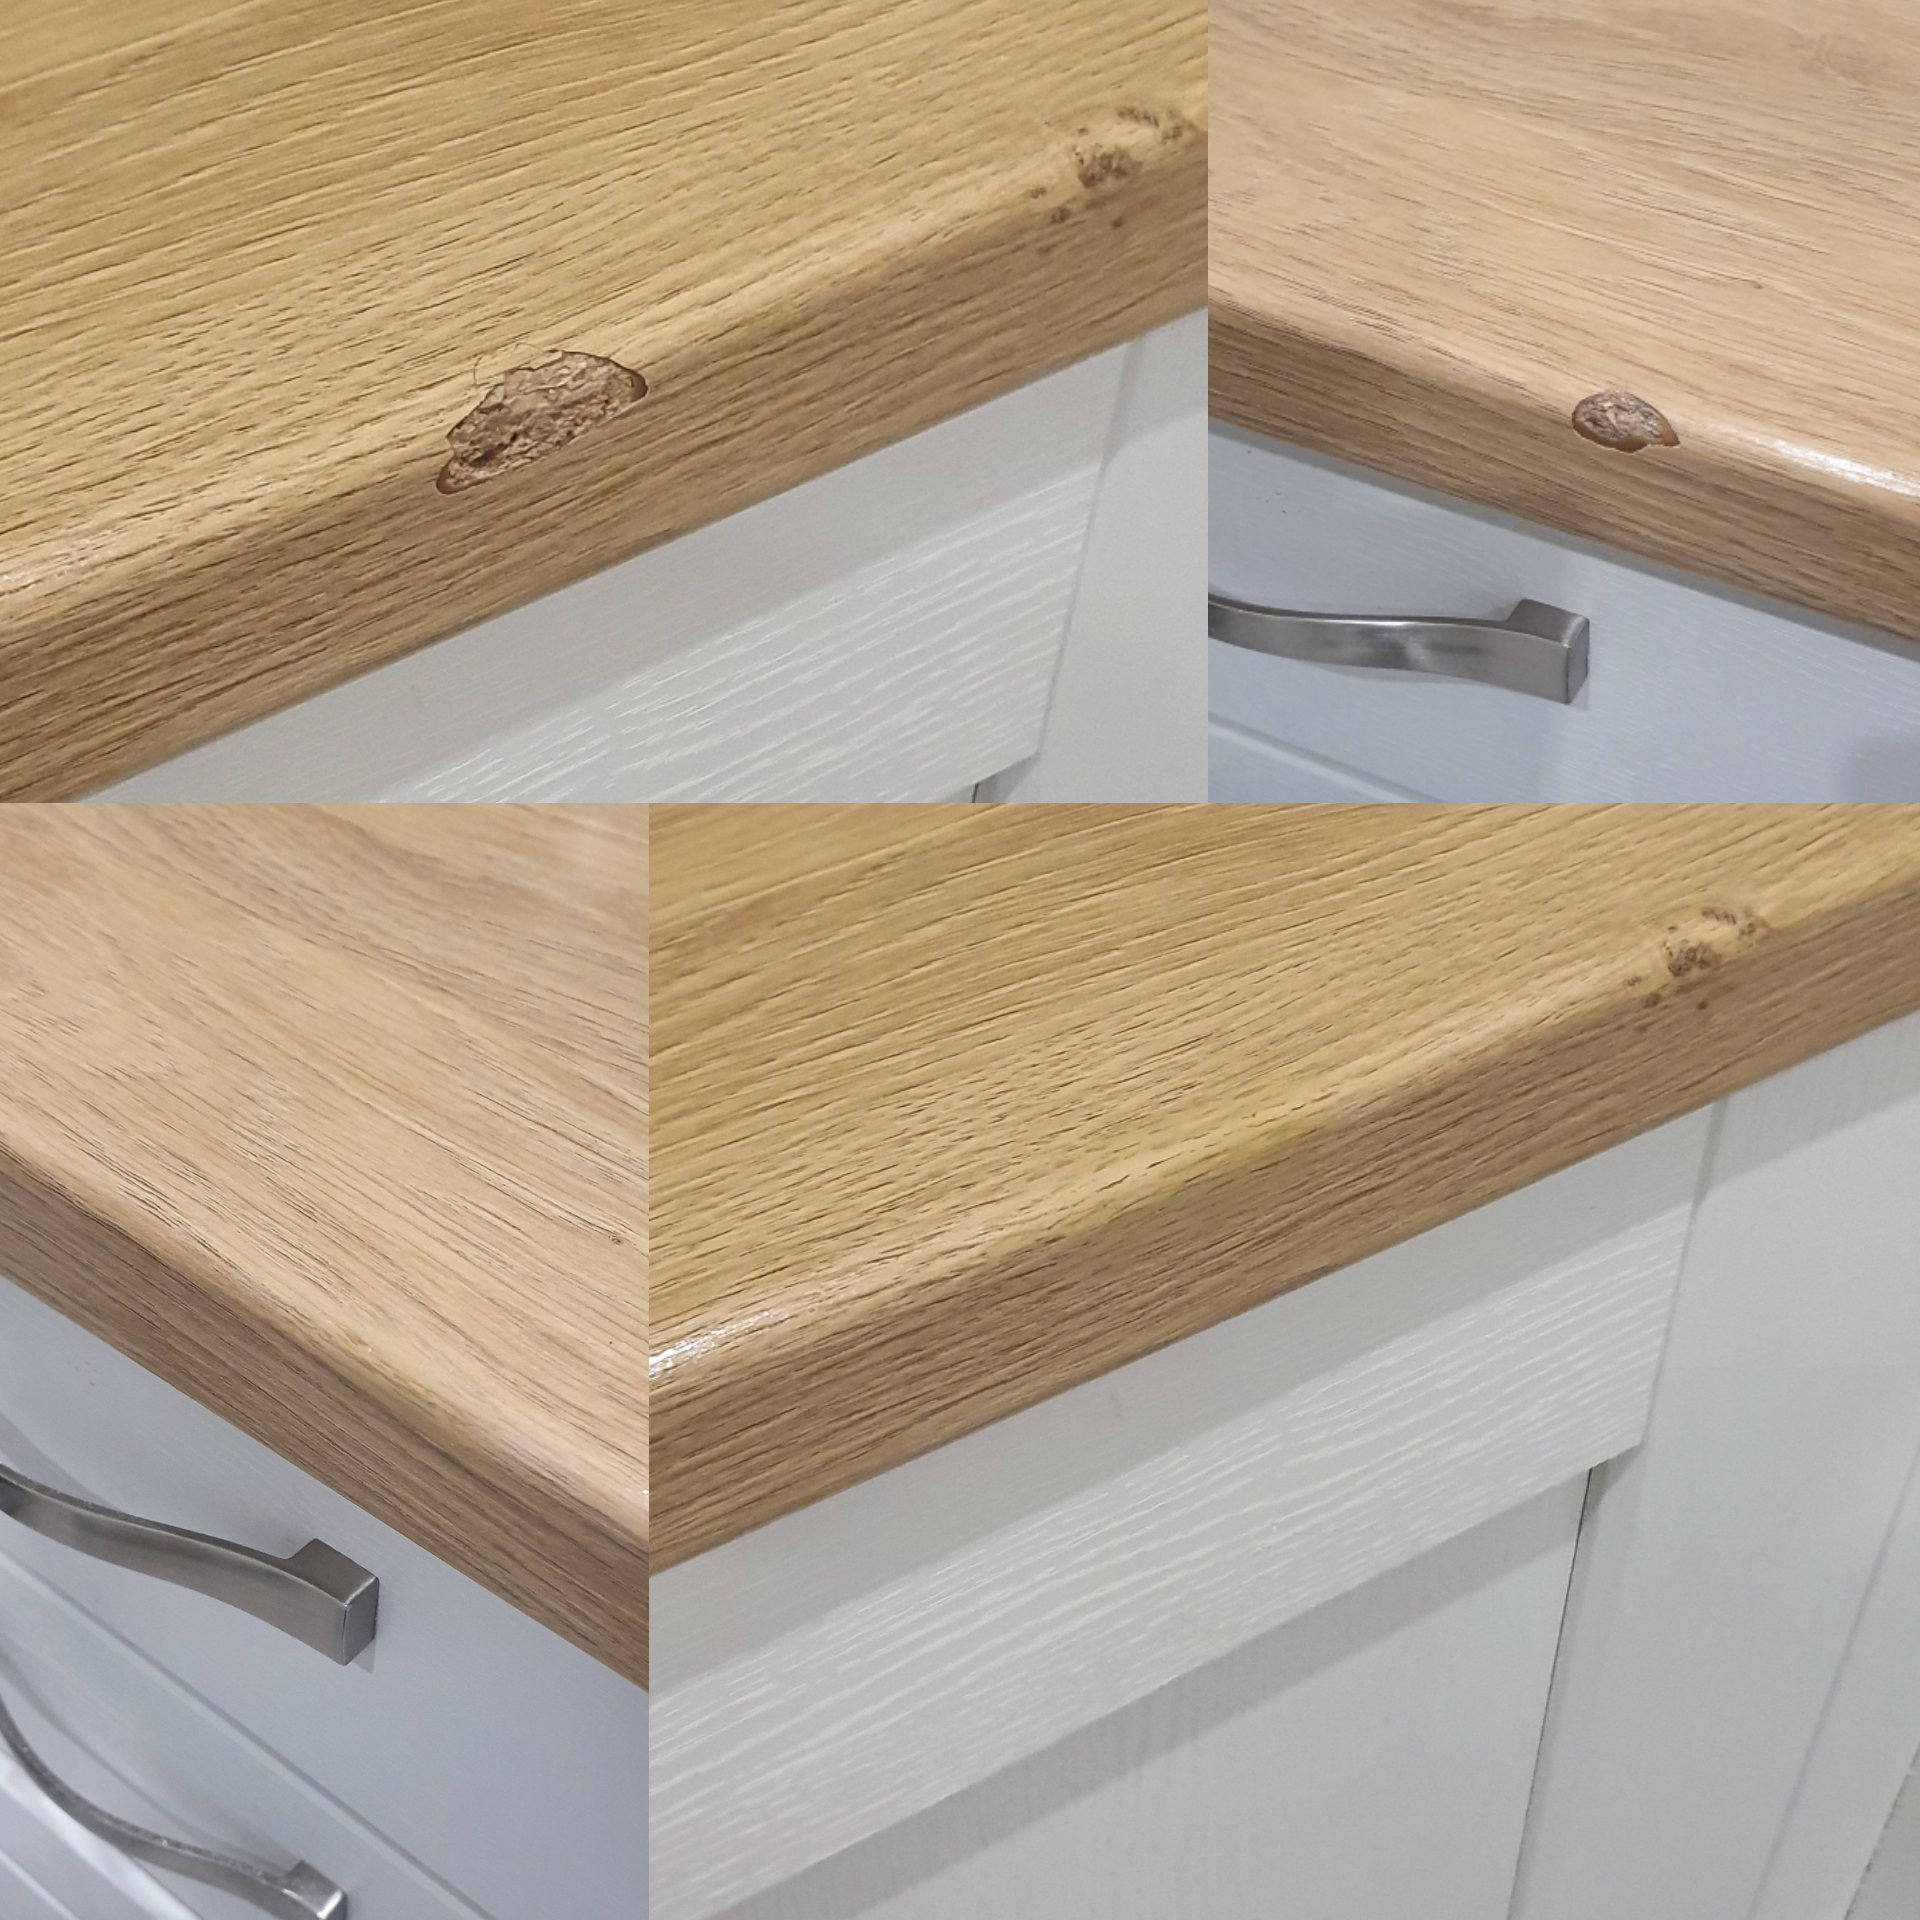 Woodgrain Laminate Worktop Repair